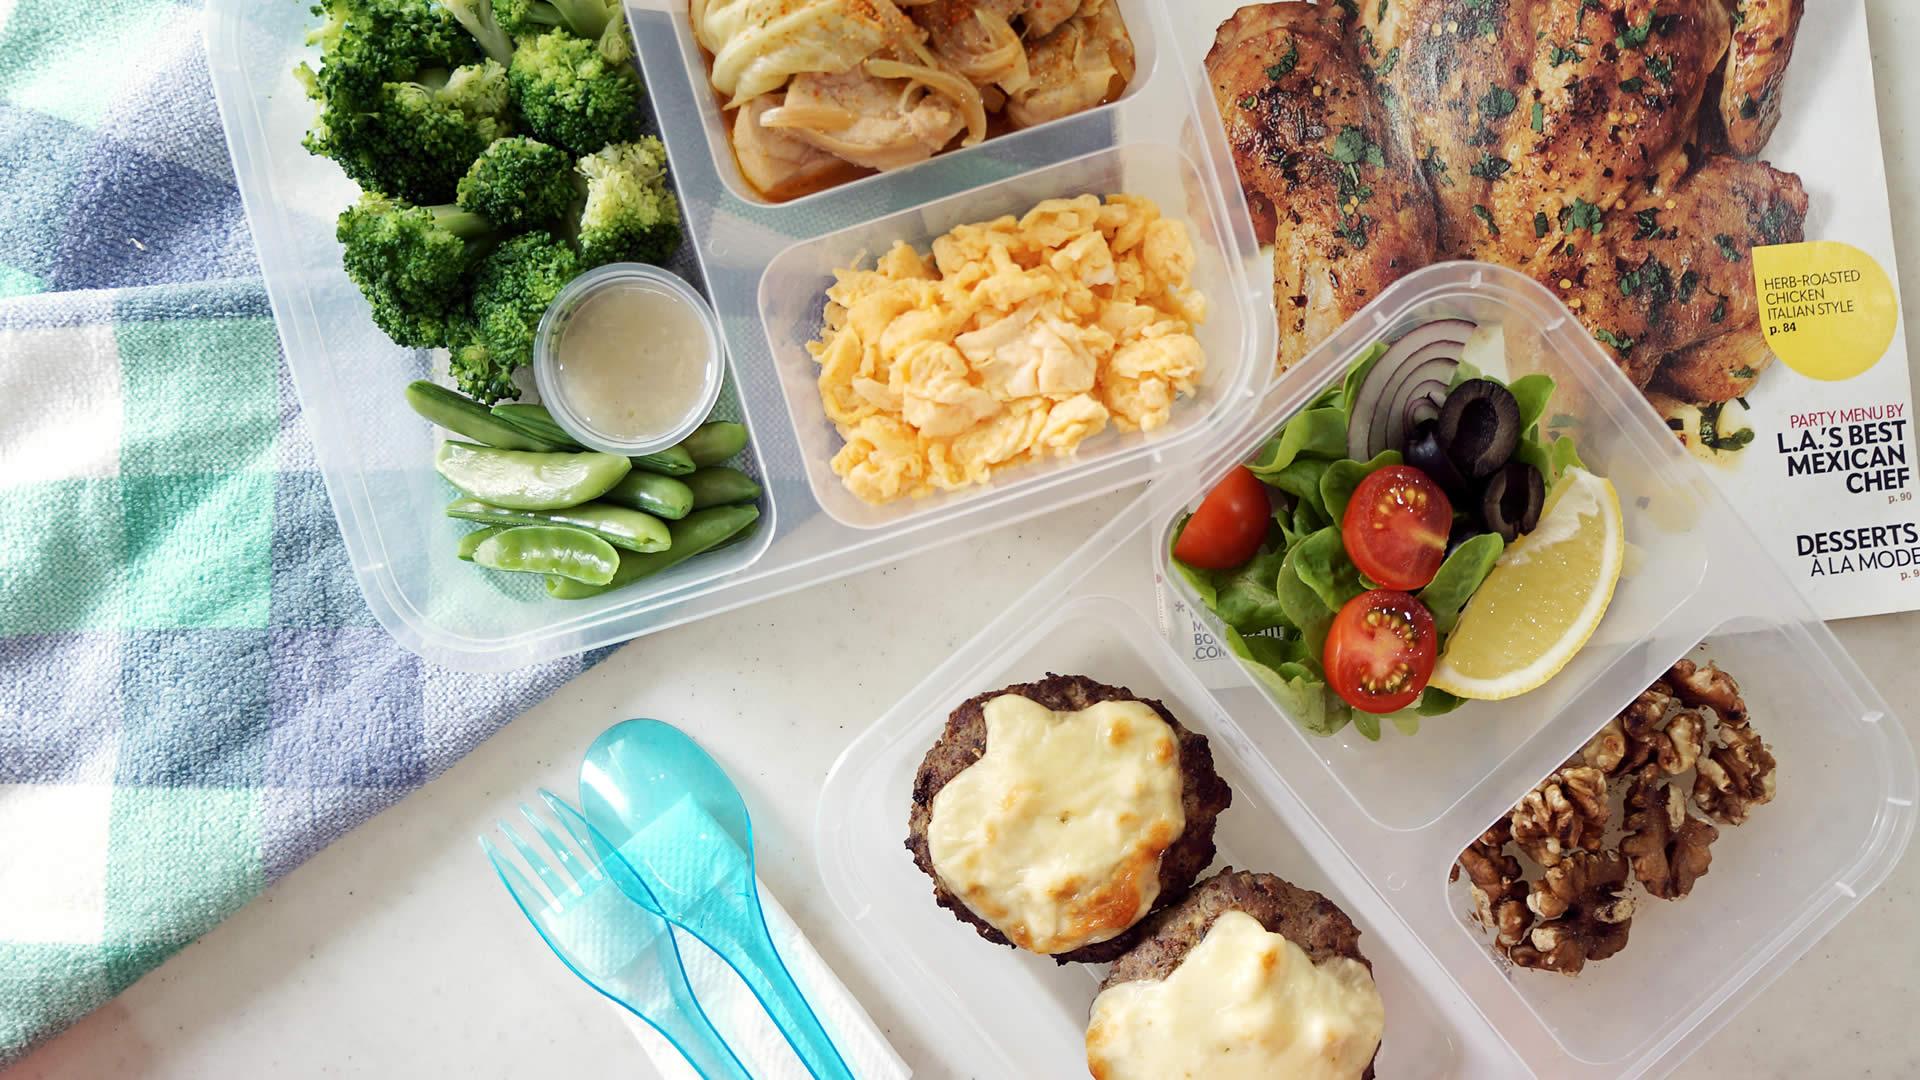 Dietplus Id Katering Sehat Organik Paling Serius No Msg No